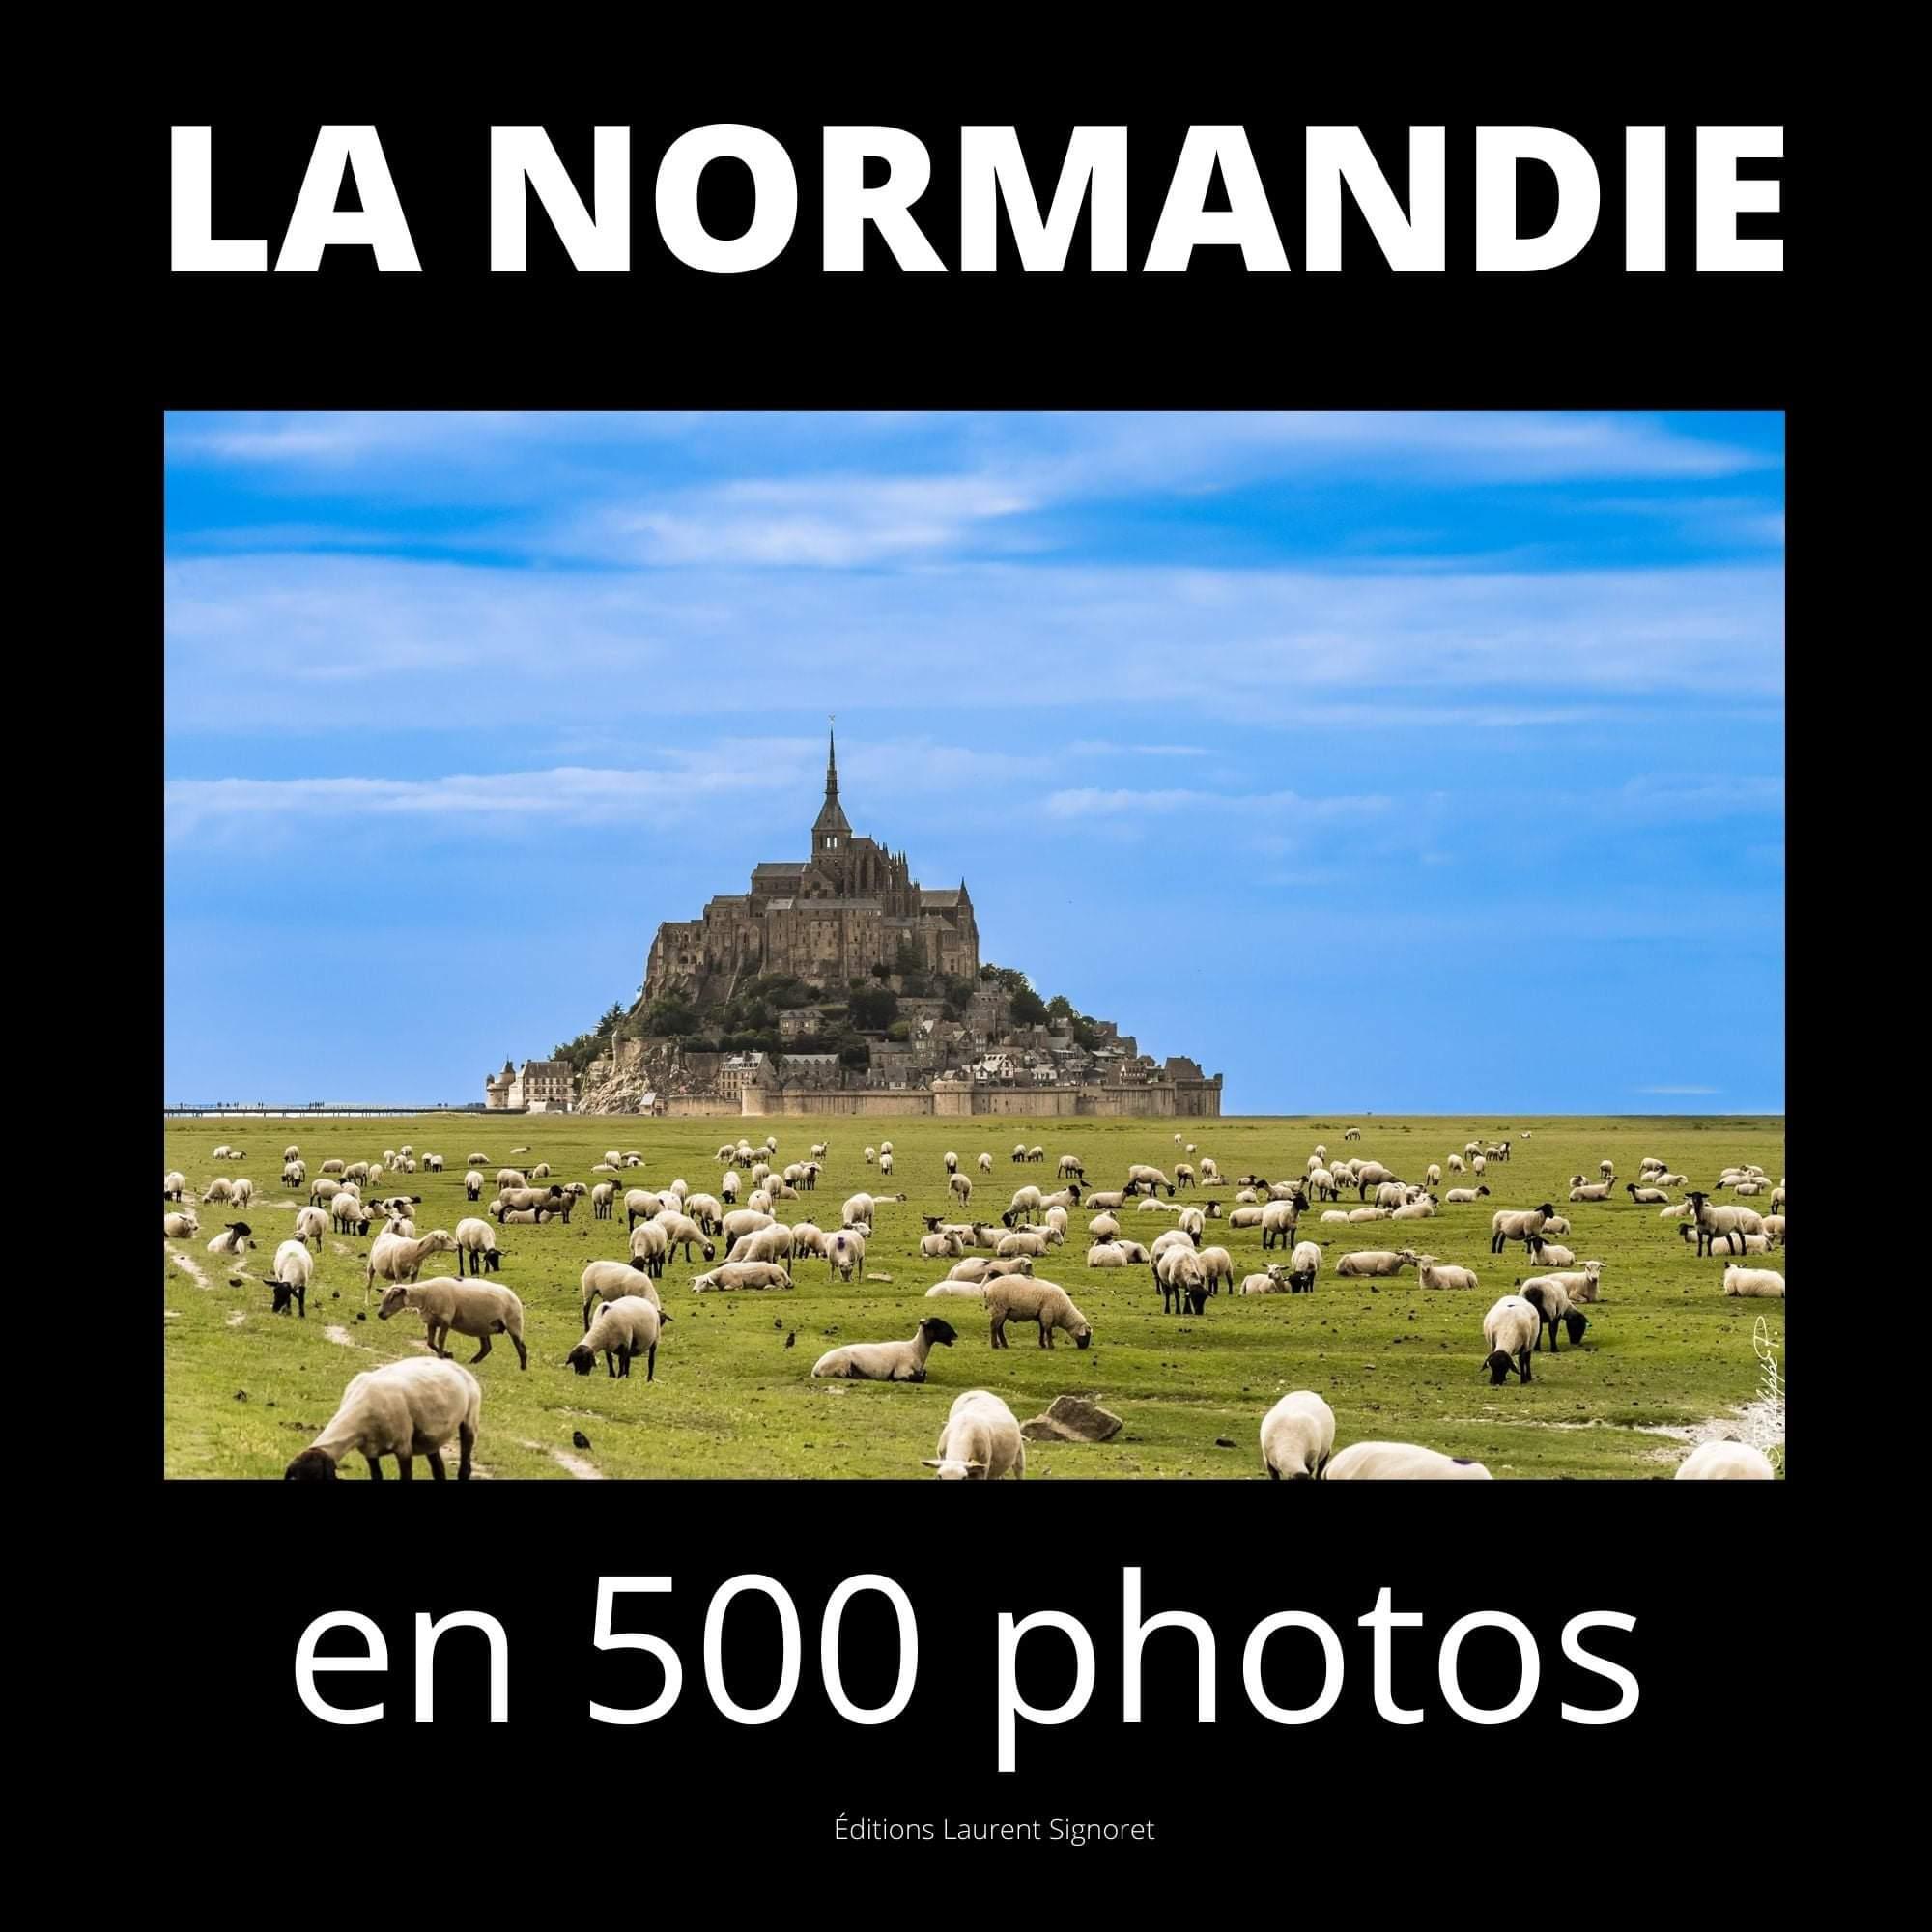 Couverture du livre, la Normandie en 500 photos